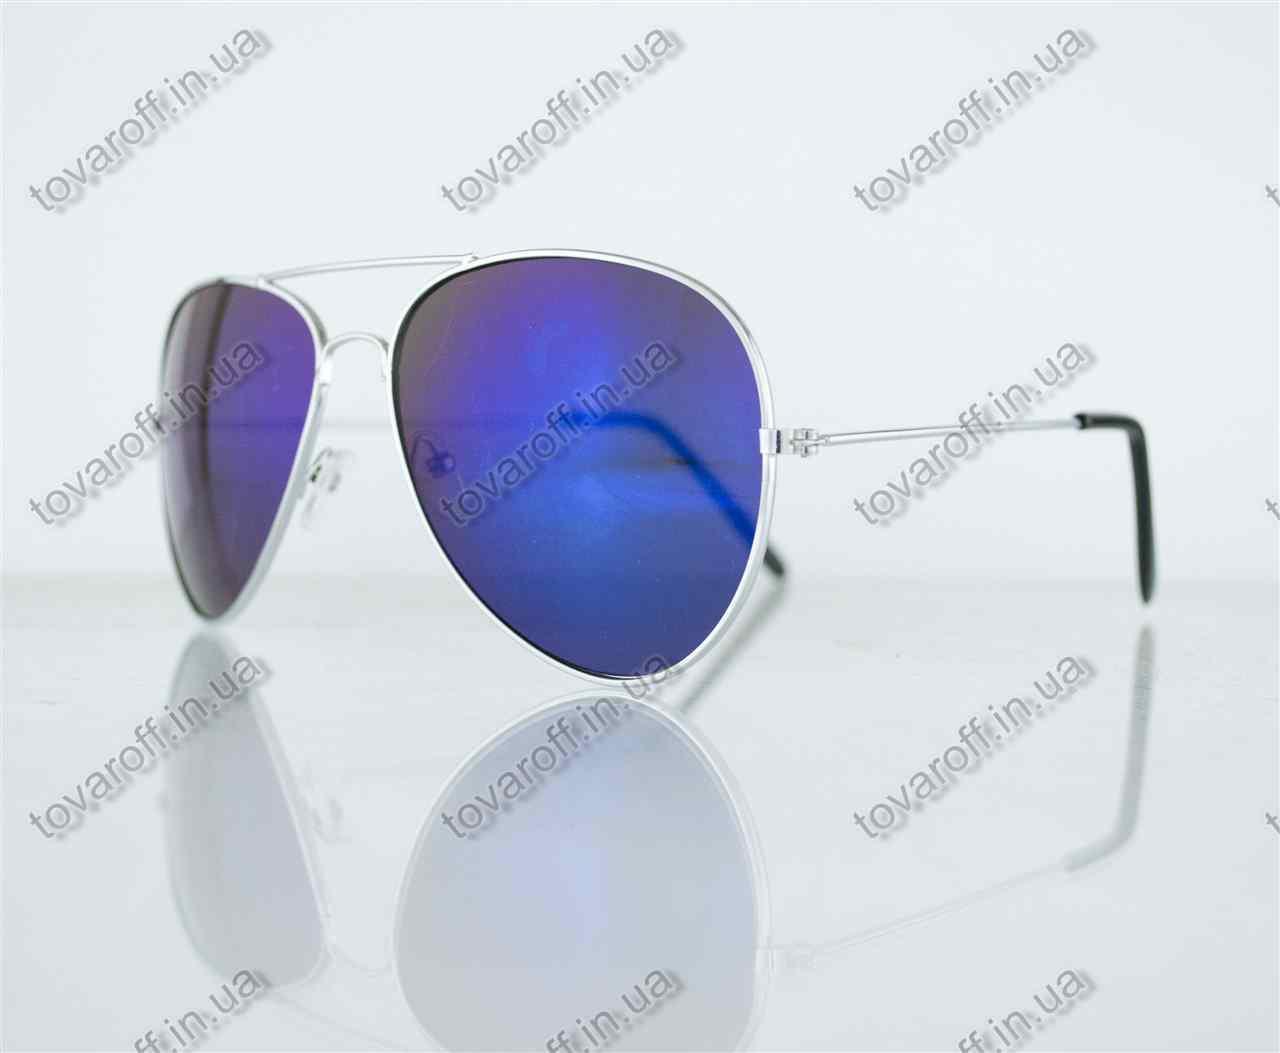 Очки унисекс солнцезащитные Aviator (Авиатор) зеркальные - Серебряные - 3010